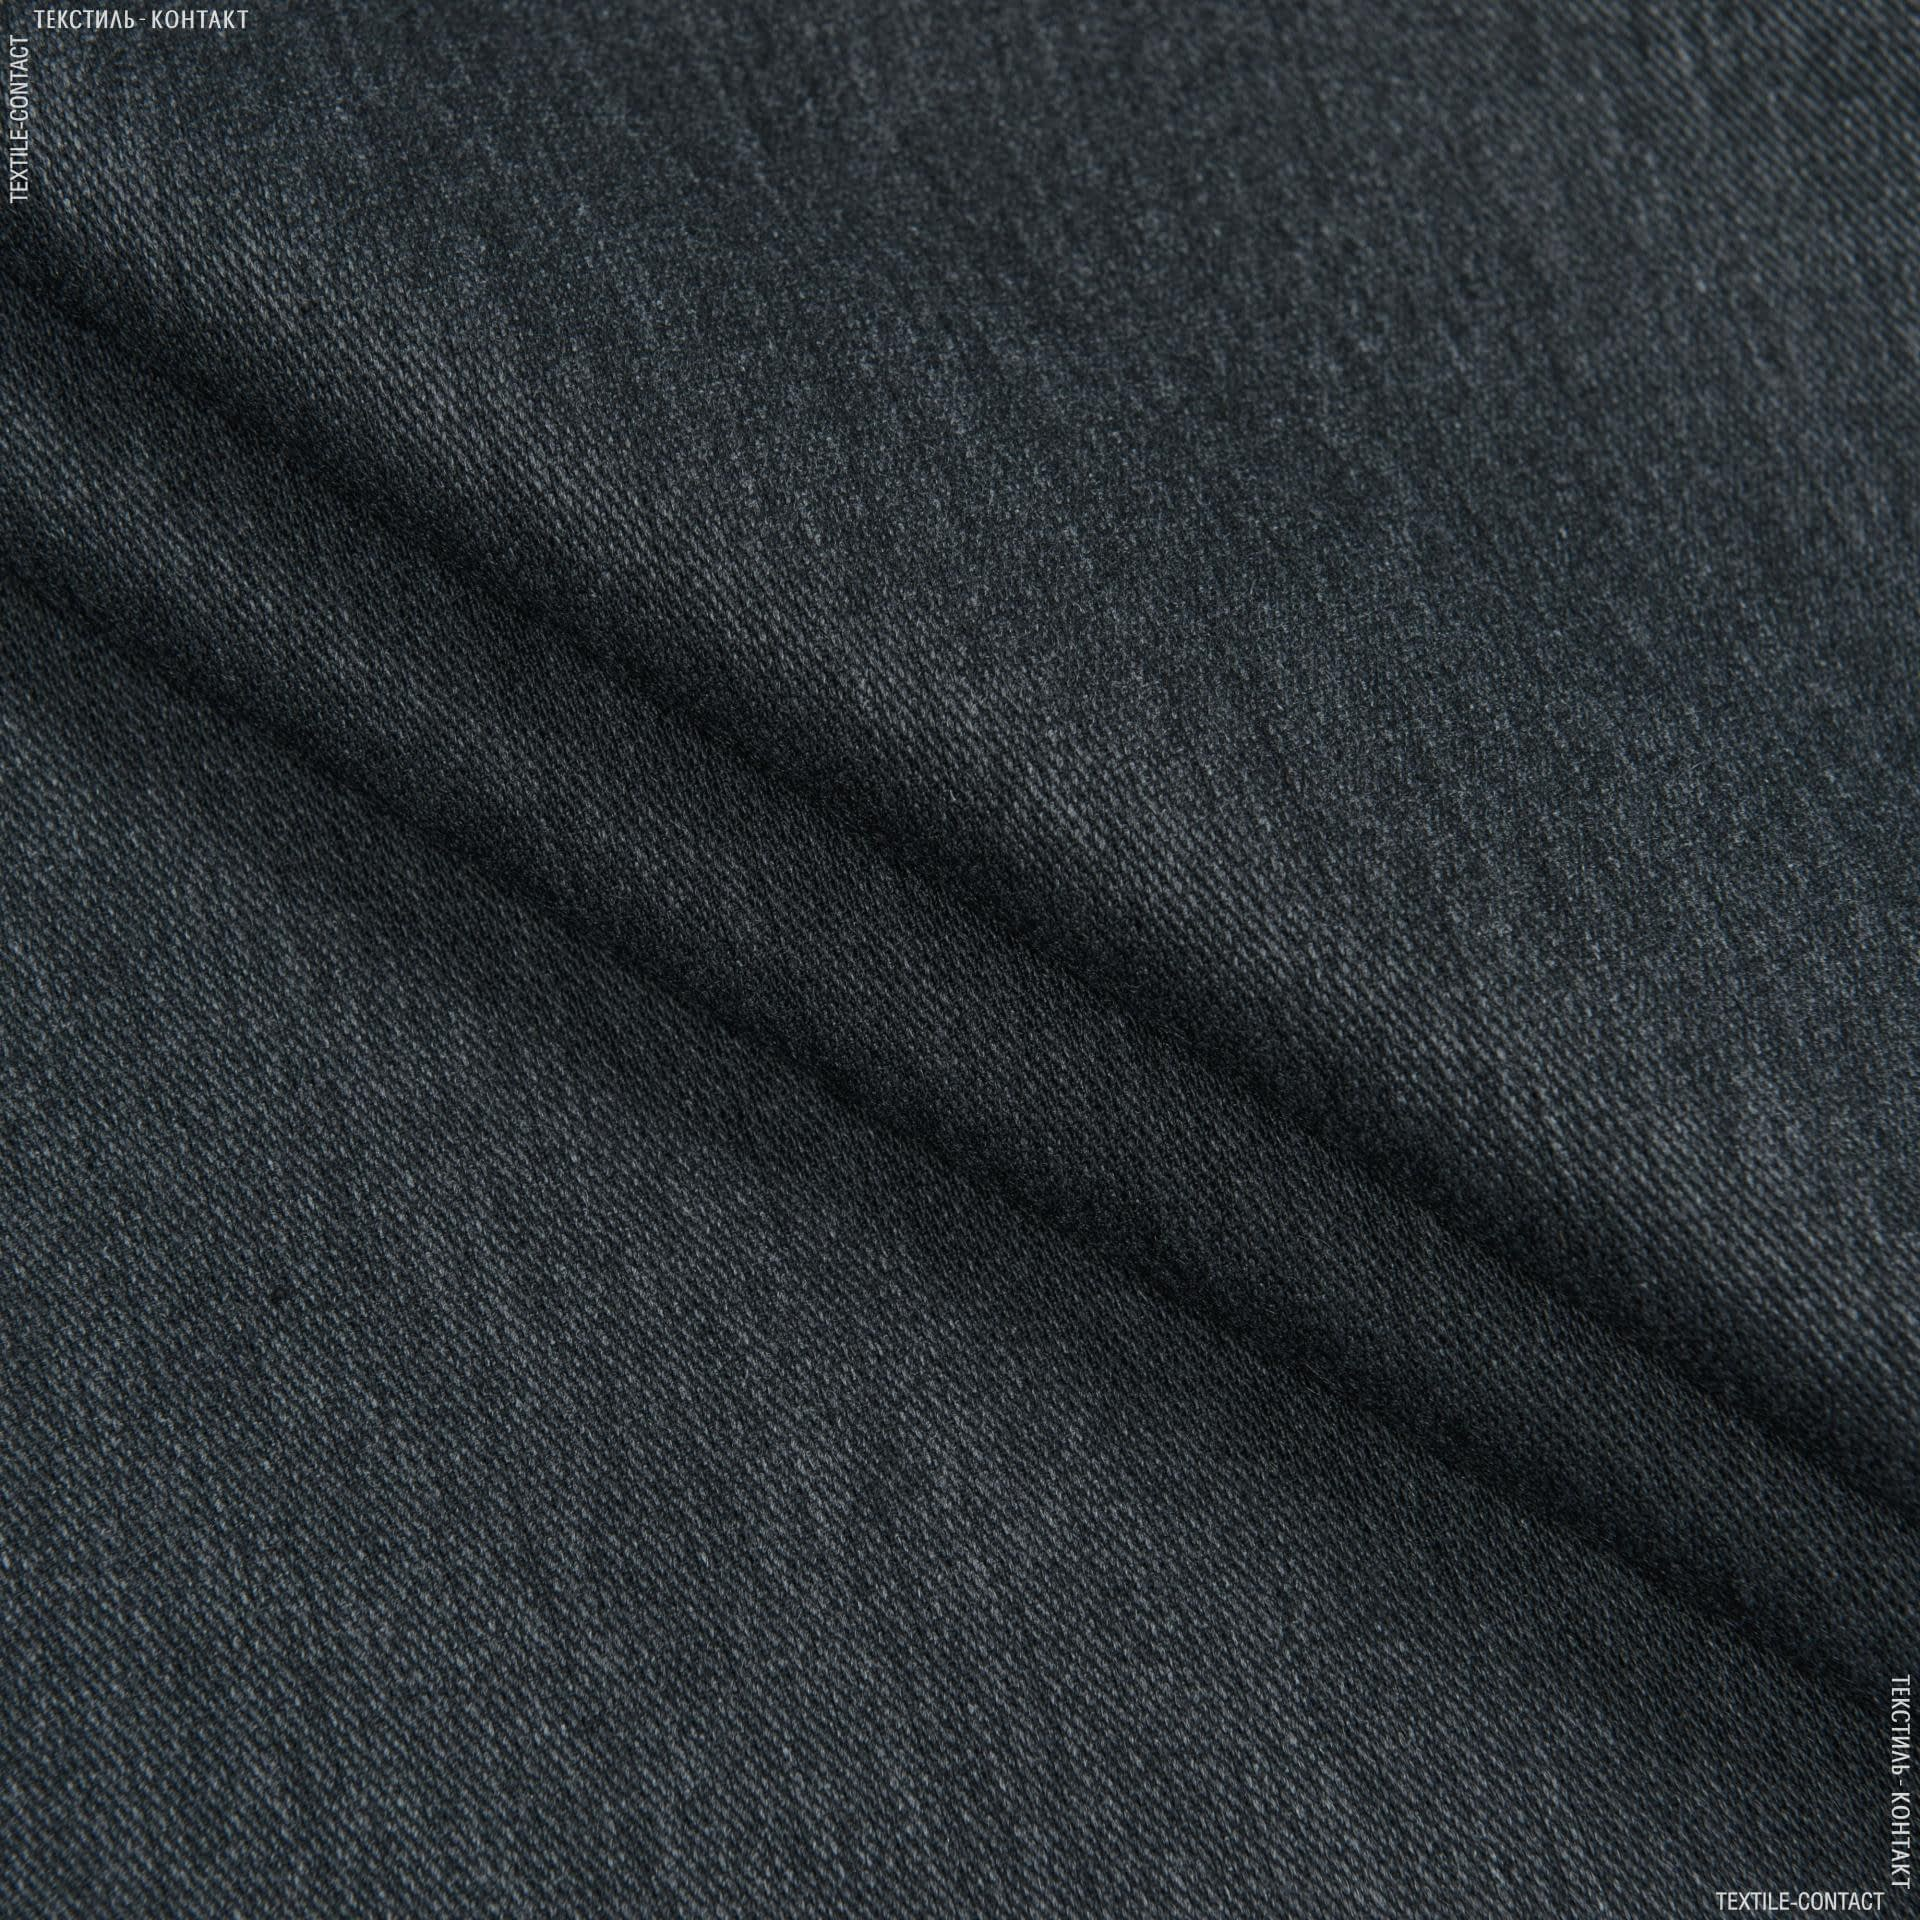 Ткани для спецодежды - Ткань шахтер С34-БЮ КОМП